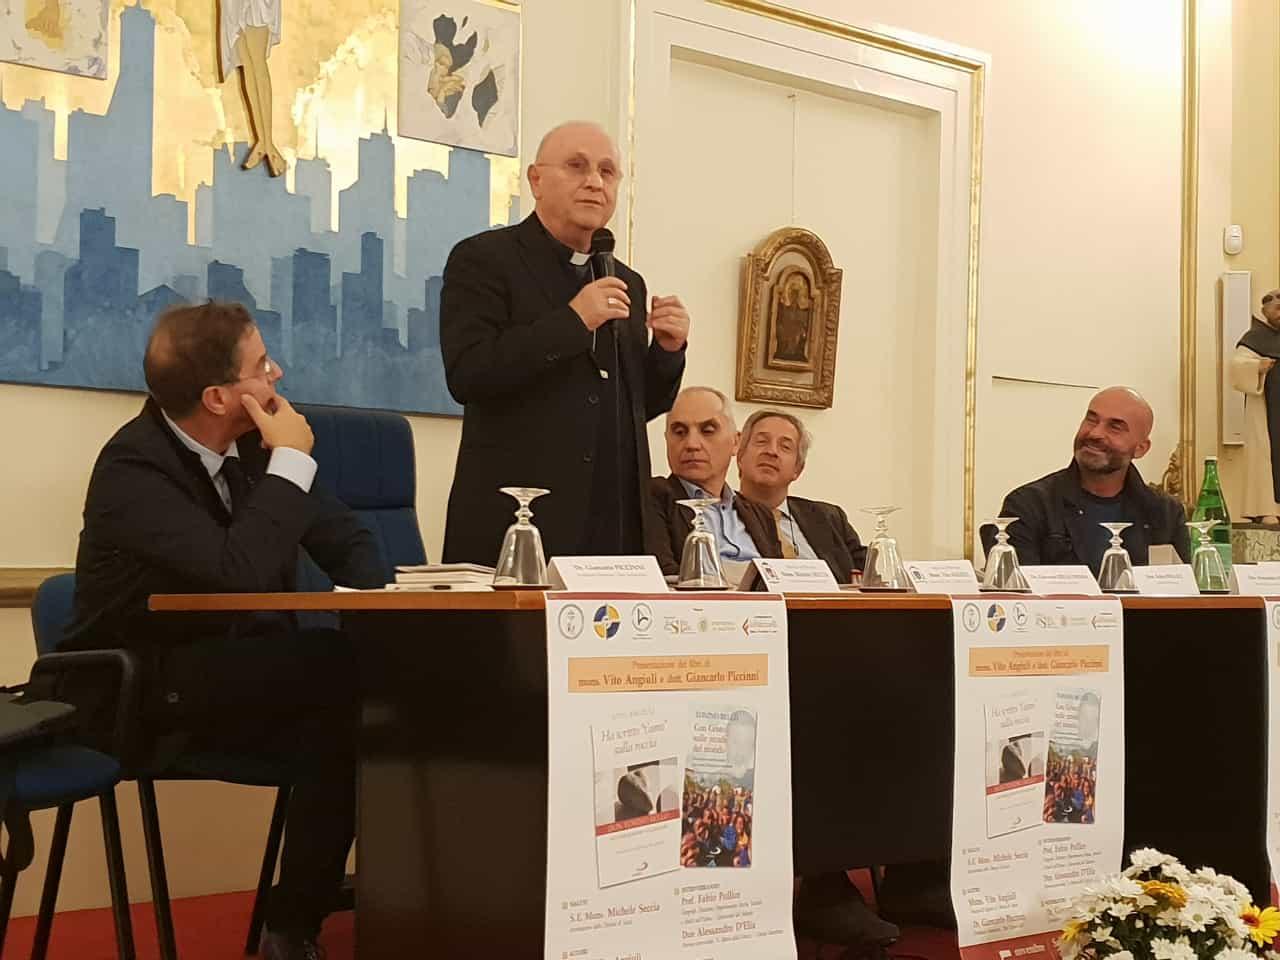 Presentazione libro del Vescovo – Episcopio di Lecce 5.11.2018 (5)